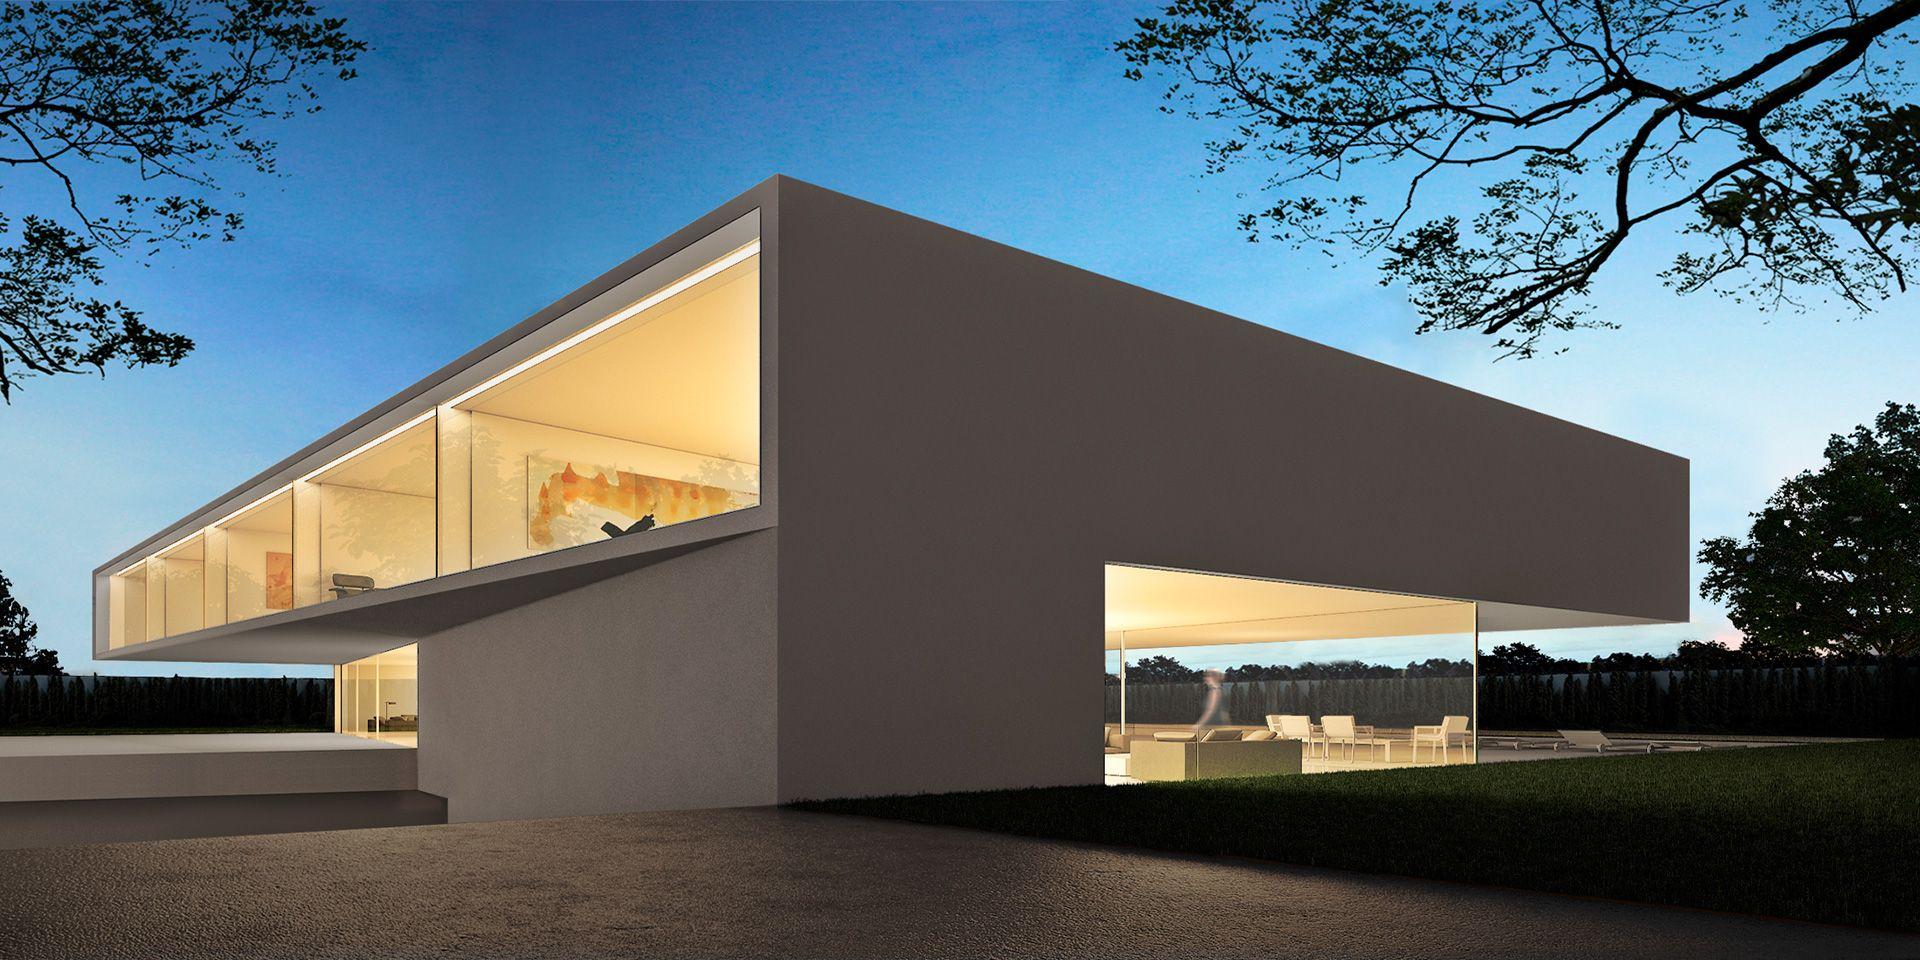 Mdj fran silvestre arquitectos valencia 002 houses - Arquitectos casas modernas ...